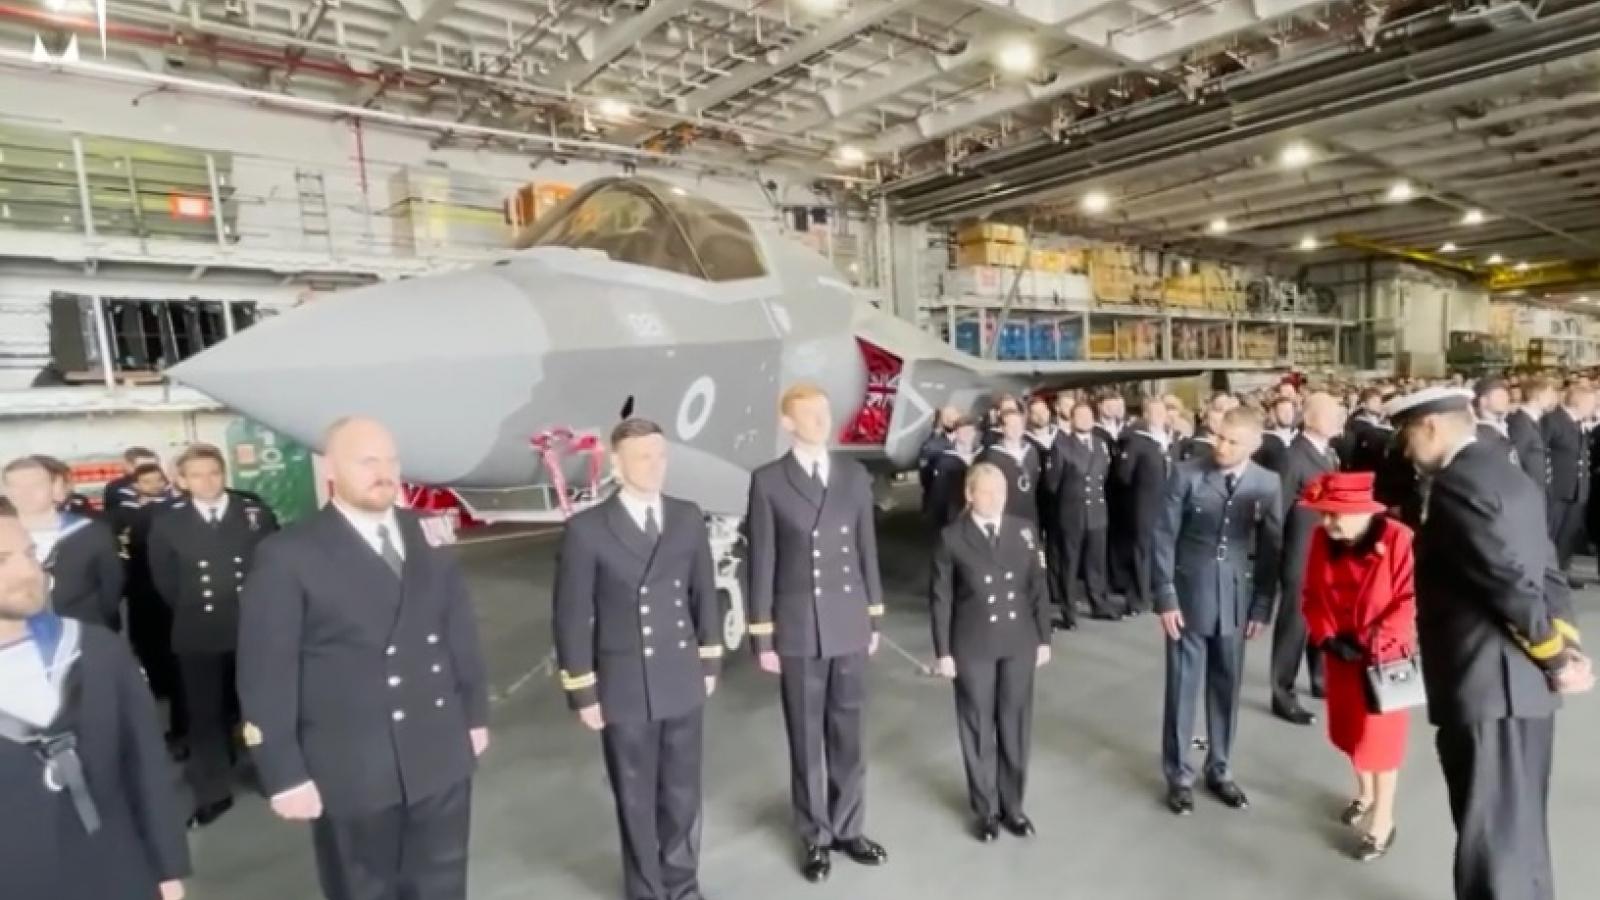 Cận cảnh bên trong tàu sân bay hiện đại HMS Queen Elizabeth mà Nữ hoàng Anh vừa bước lên